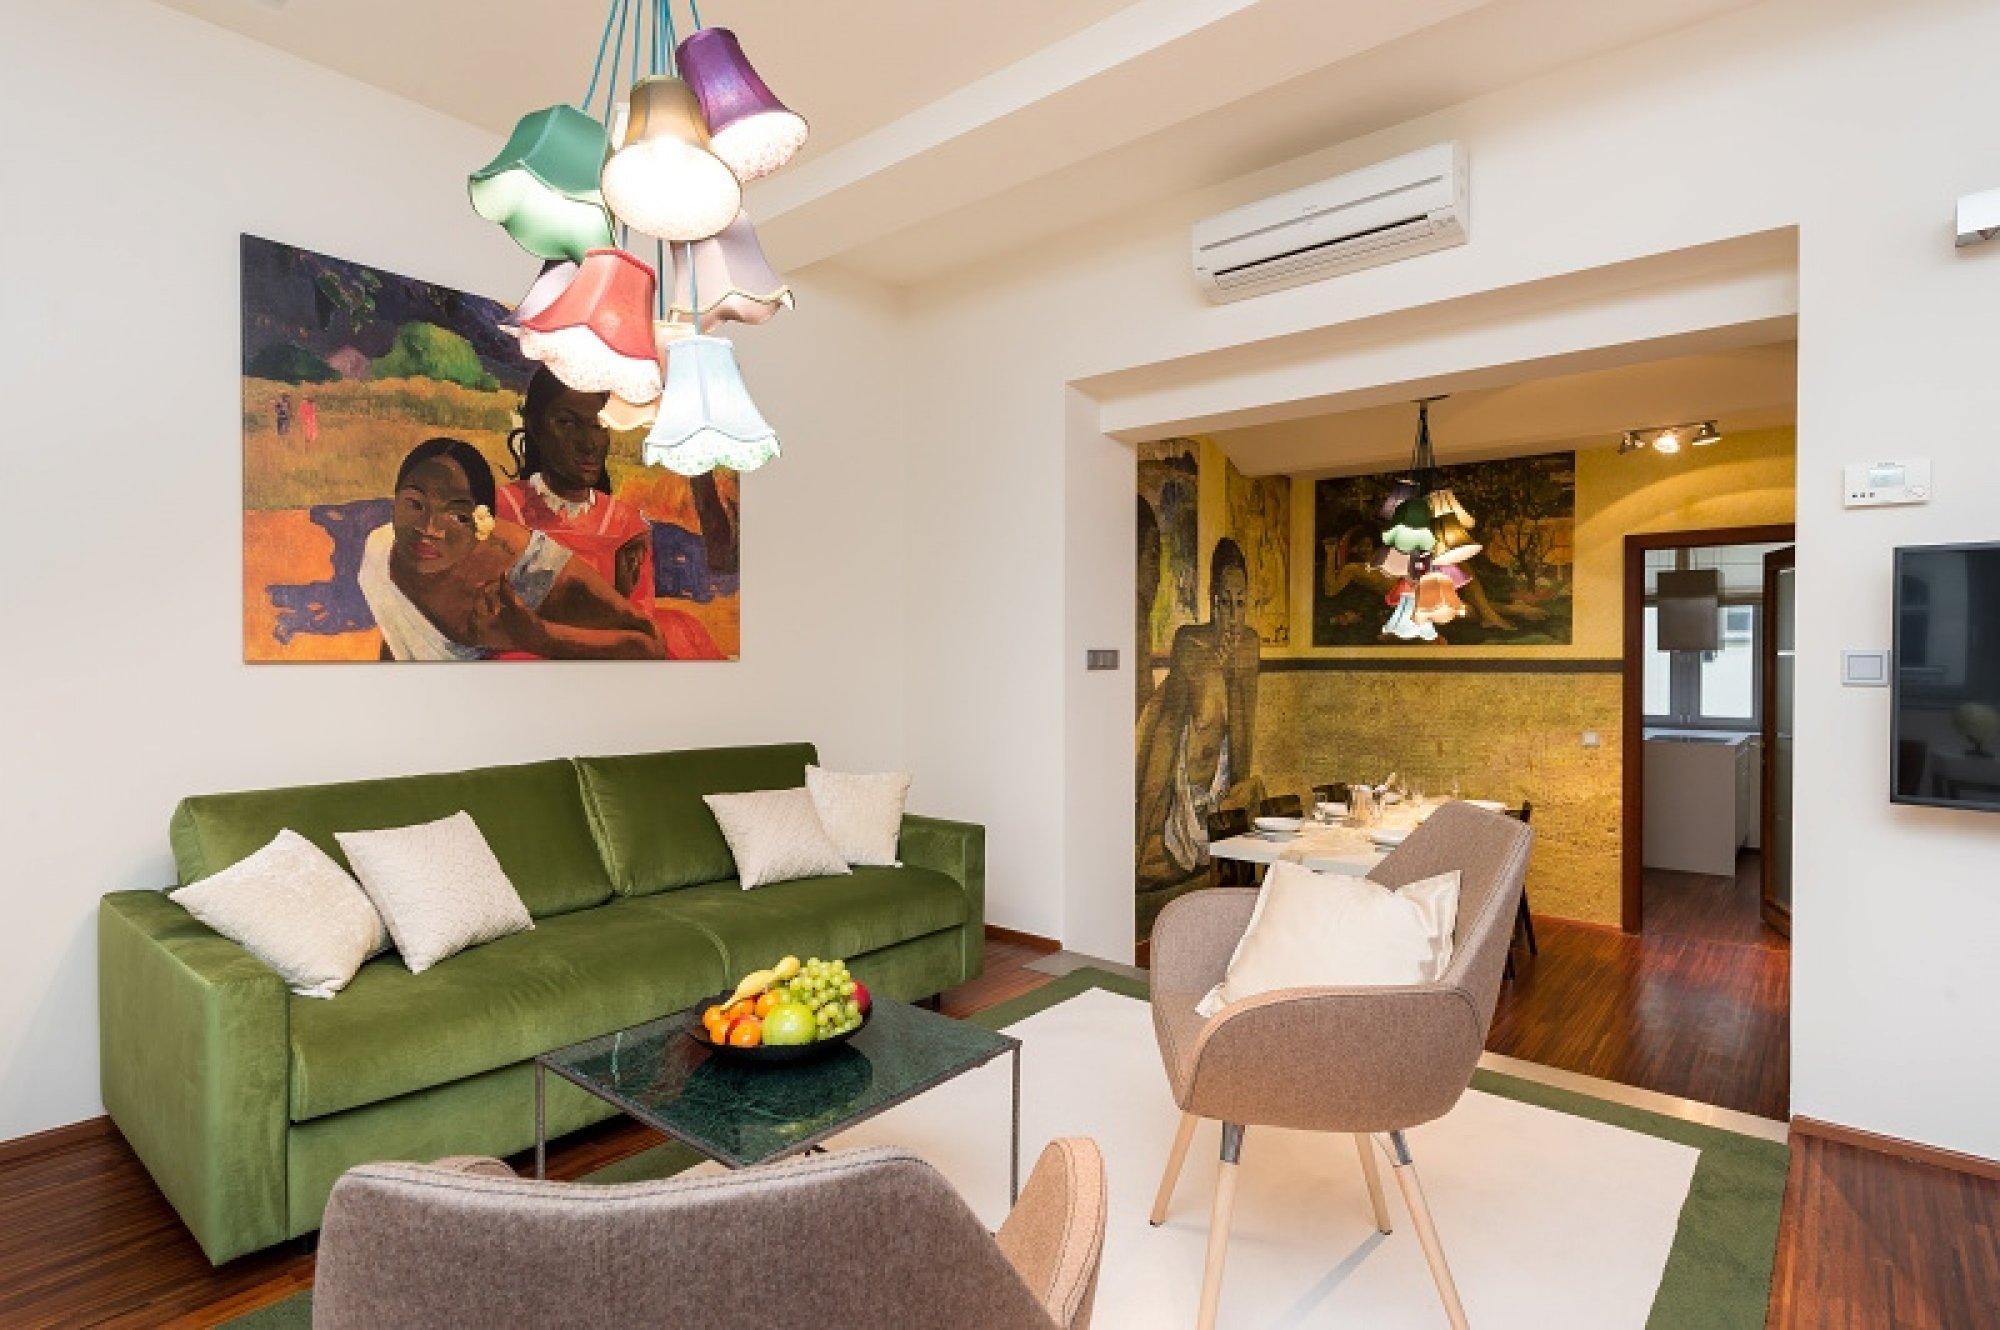 Půdní byt 3+1, plocha 122 m², ulice Vojtěšská, Praha 1 - Nové Město | 3